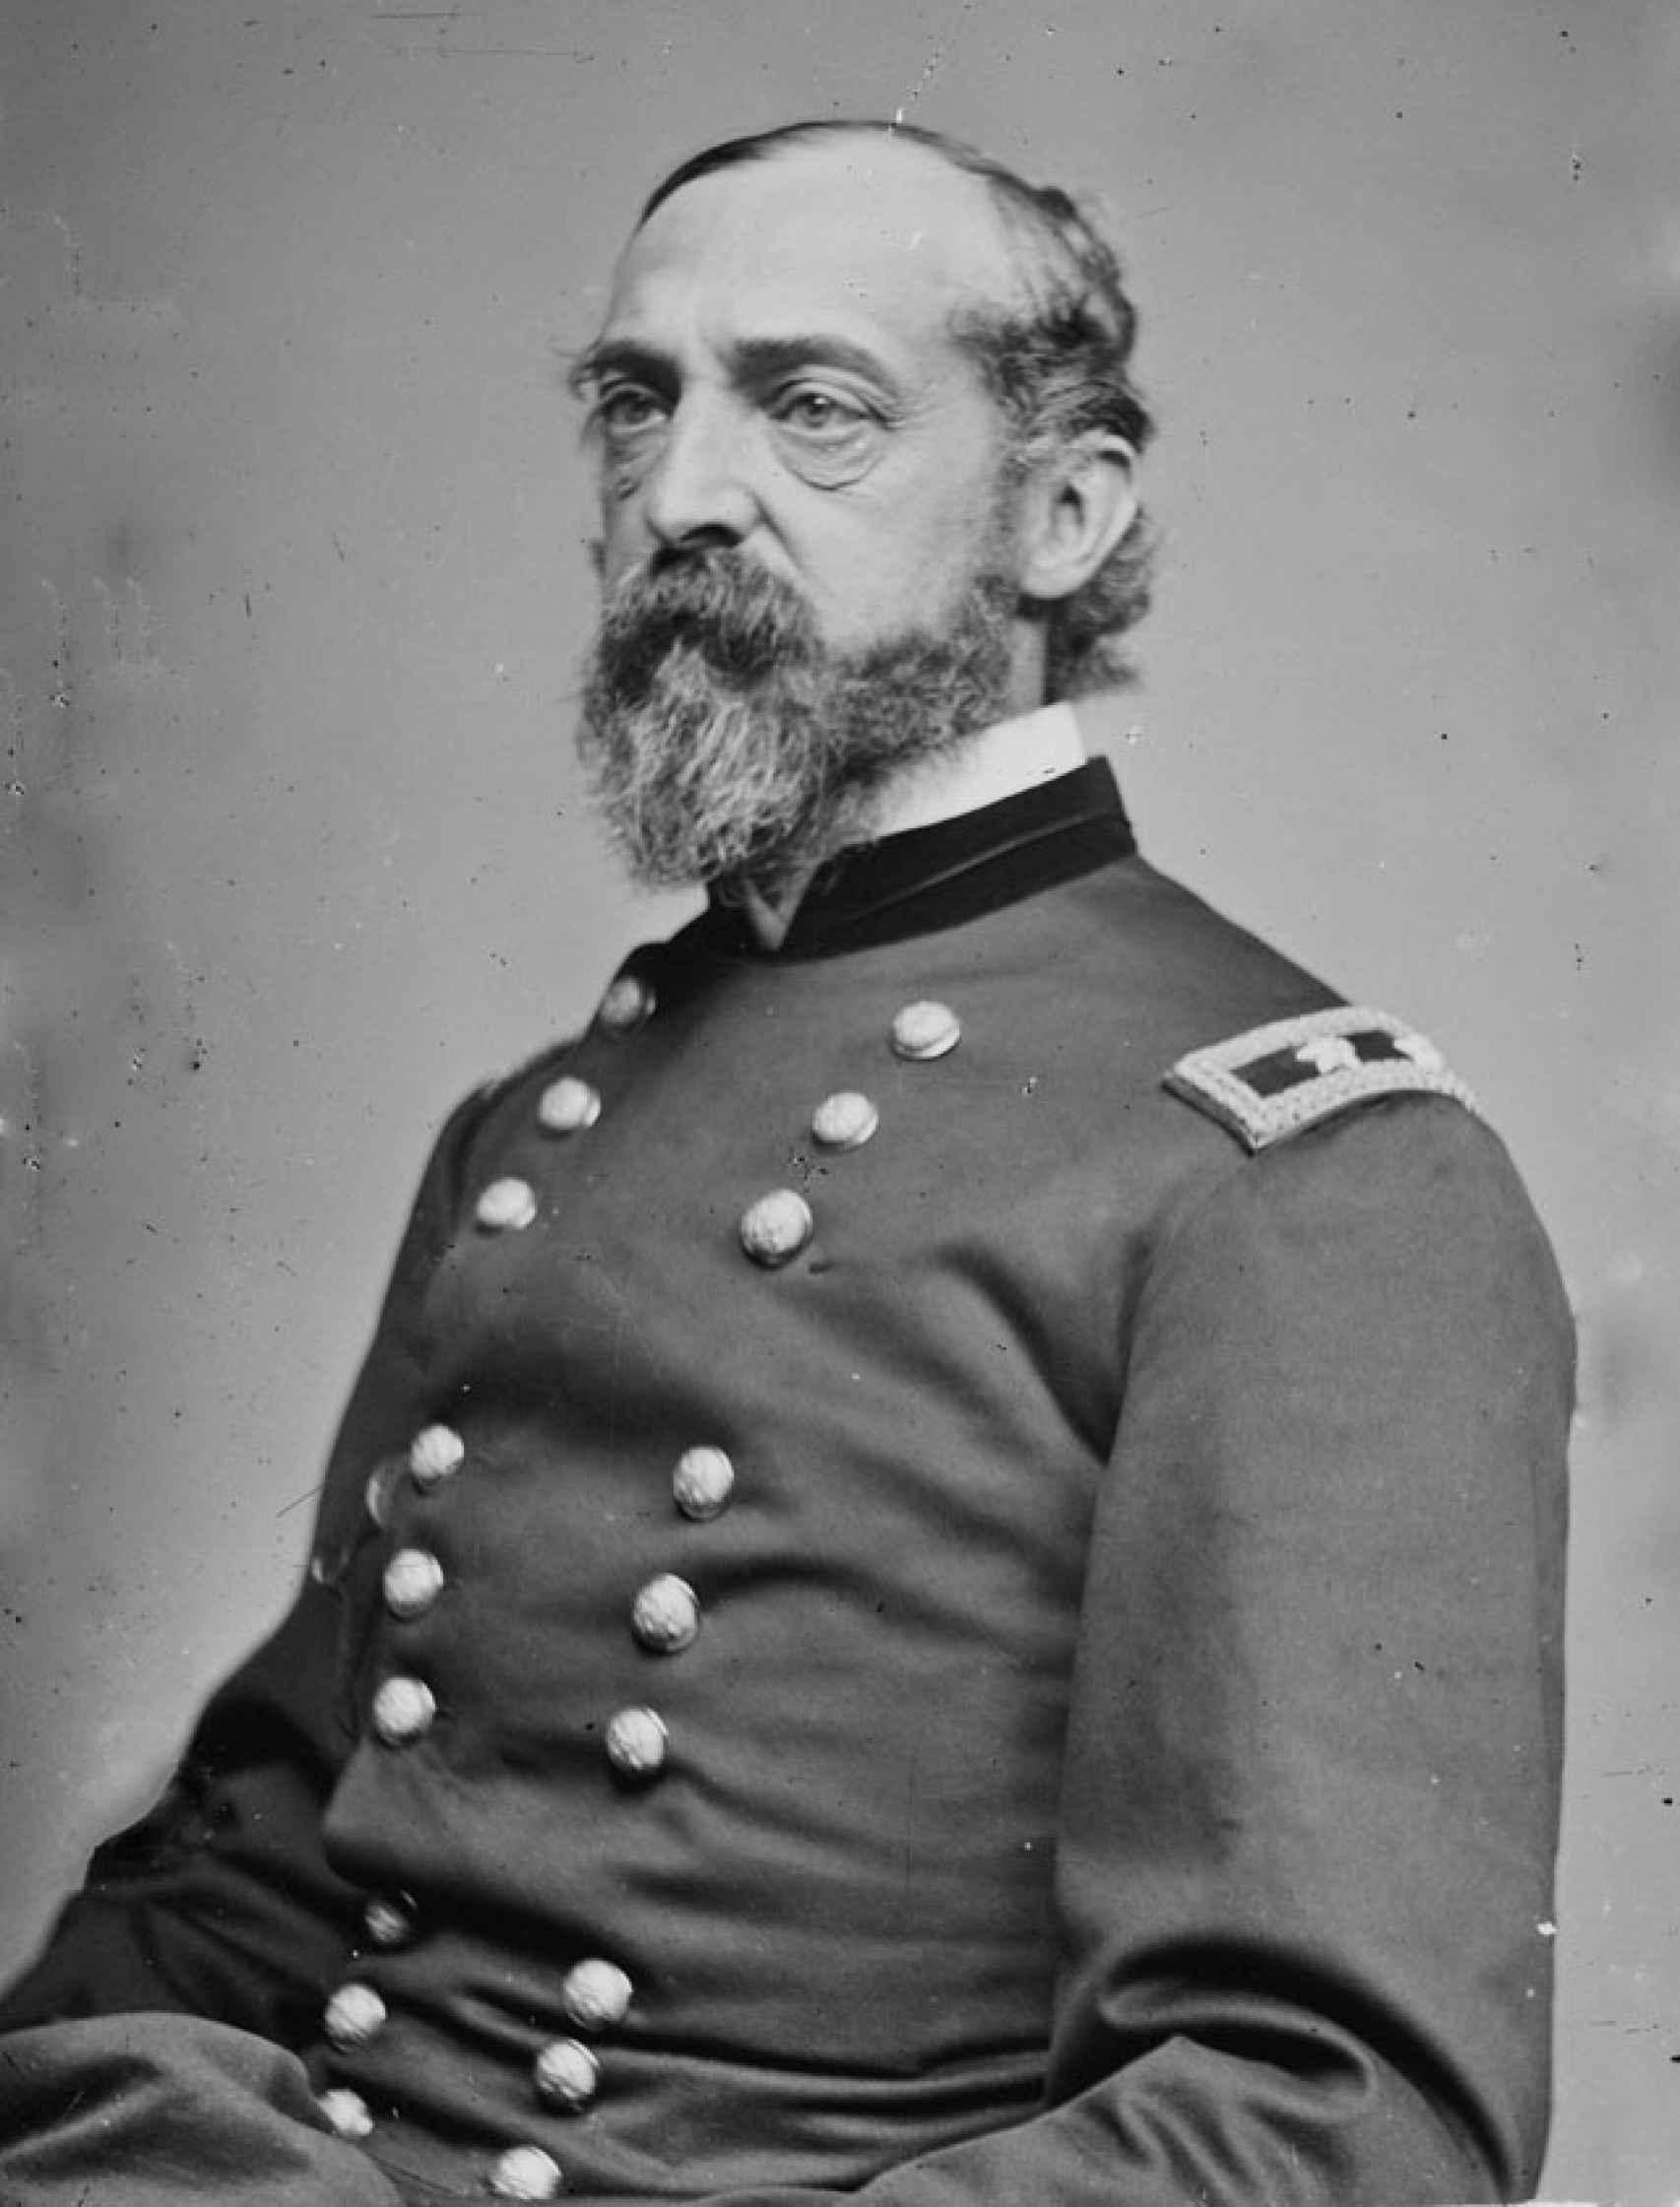 George Gordon Meade, nacido en Cádiz y protagonista en la batalla de Gettysburg.